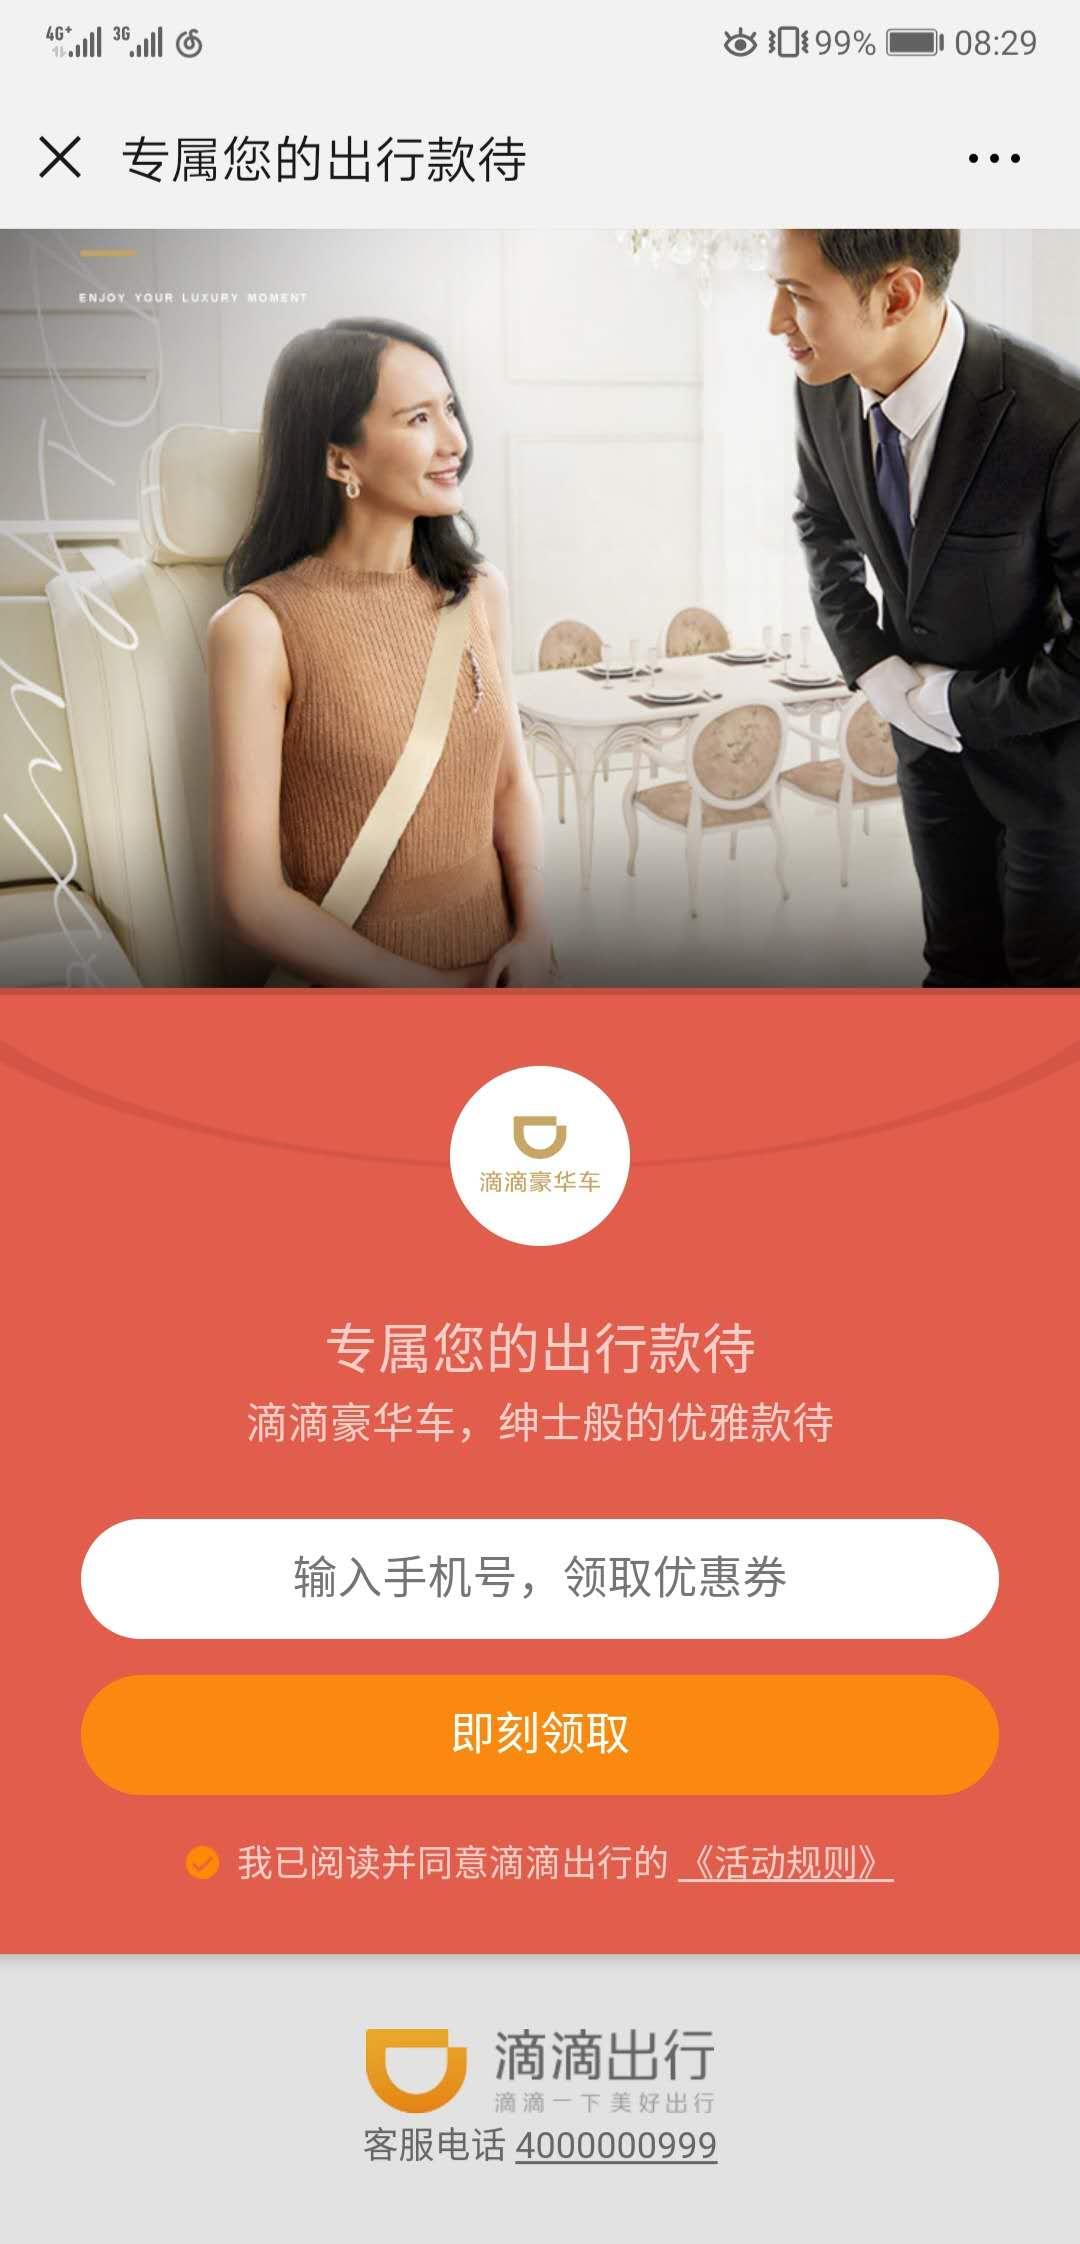 滴滴豪华车服务号的微信朋友圈广告!